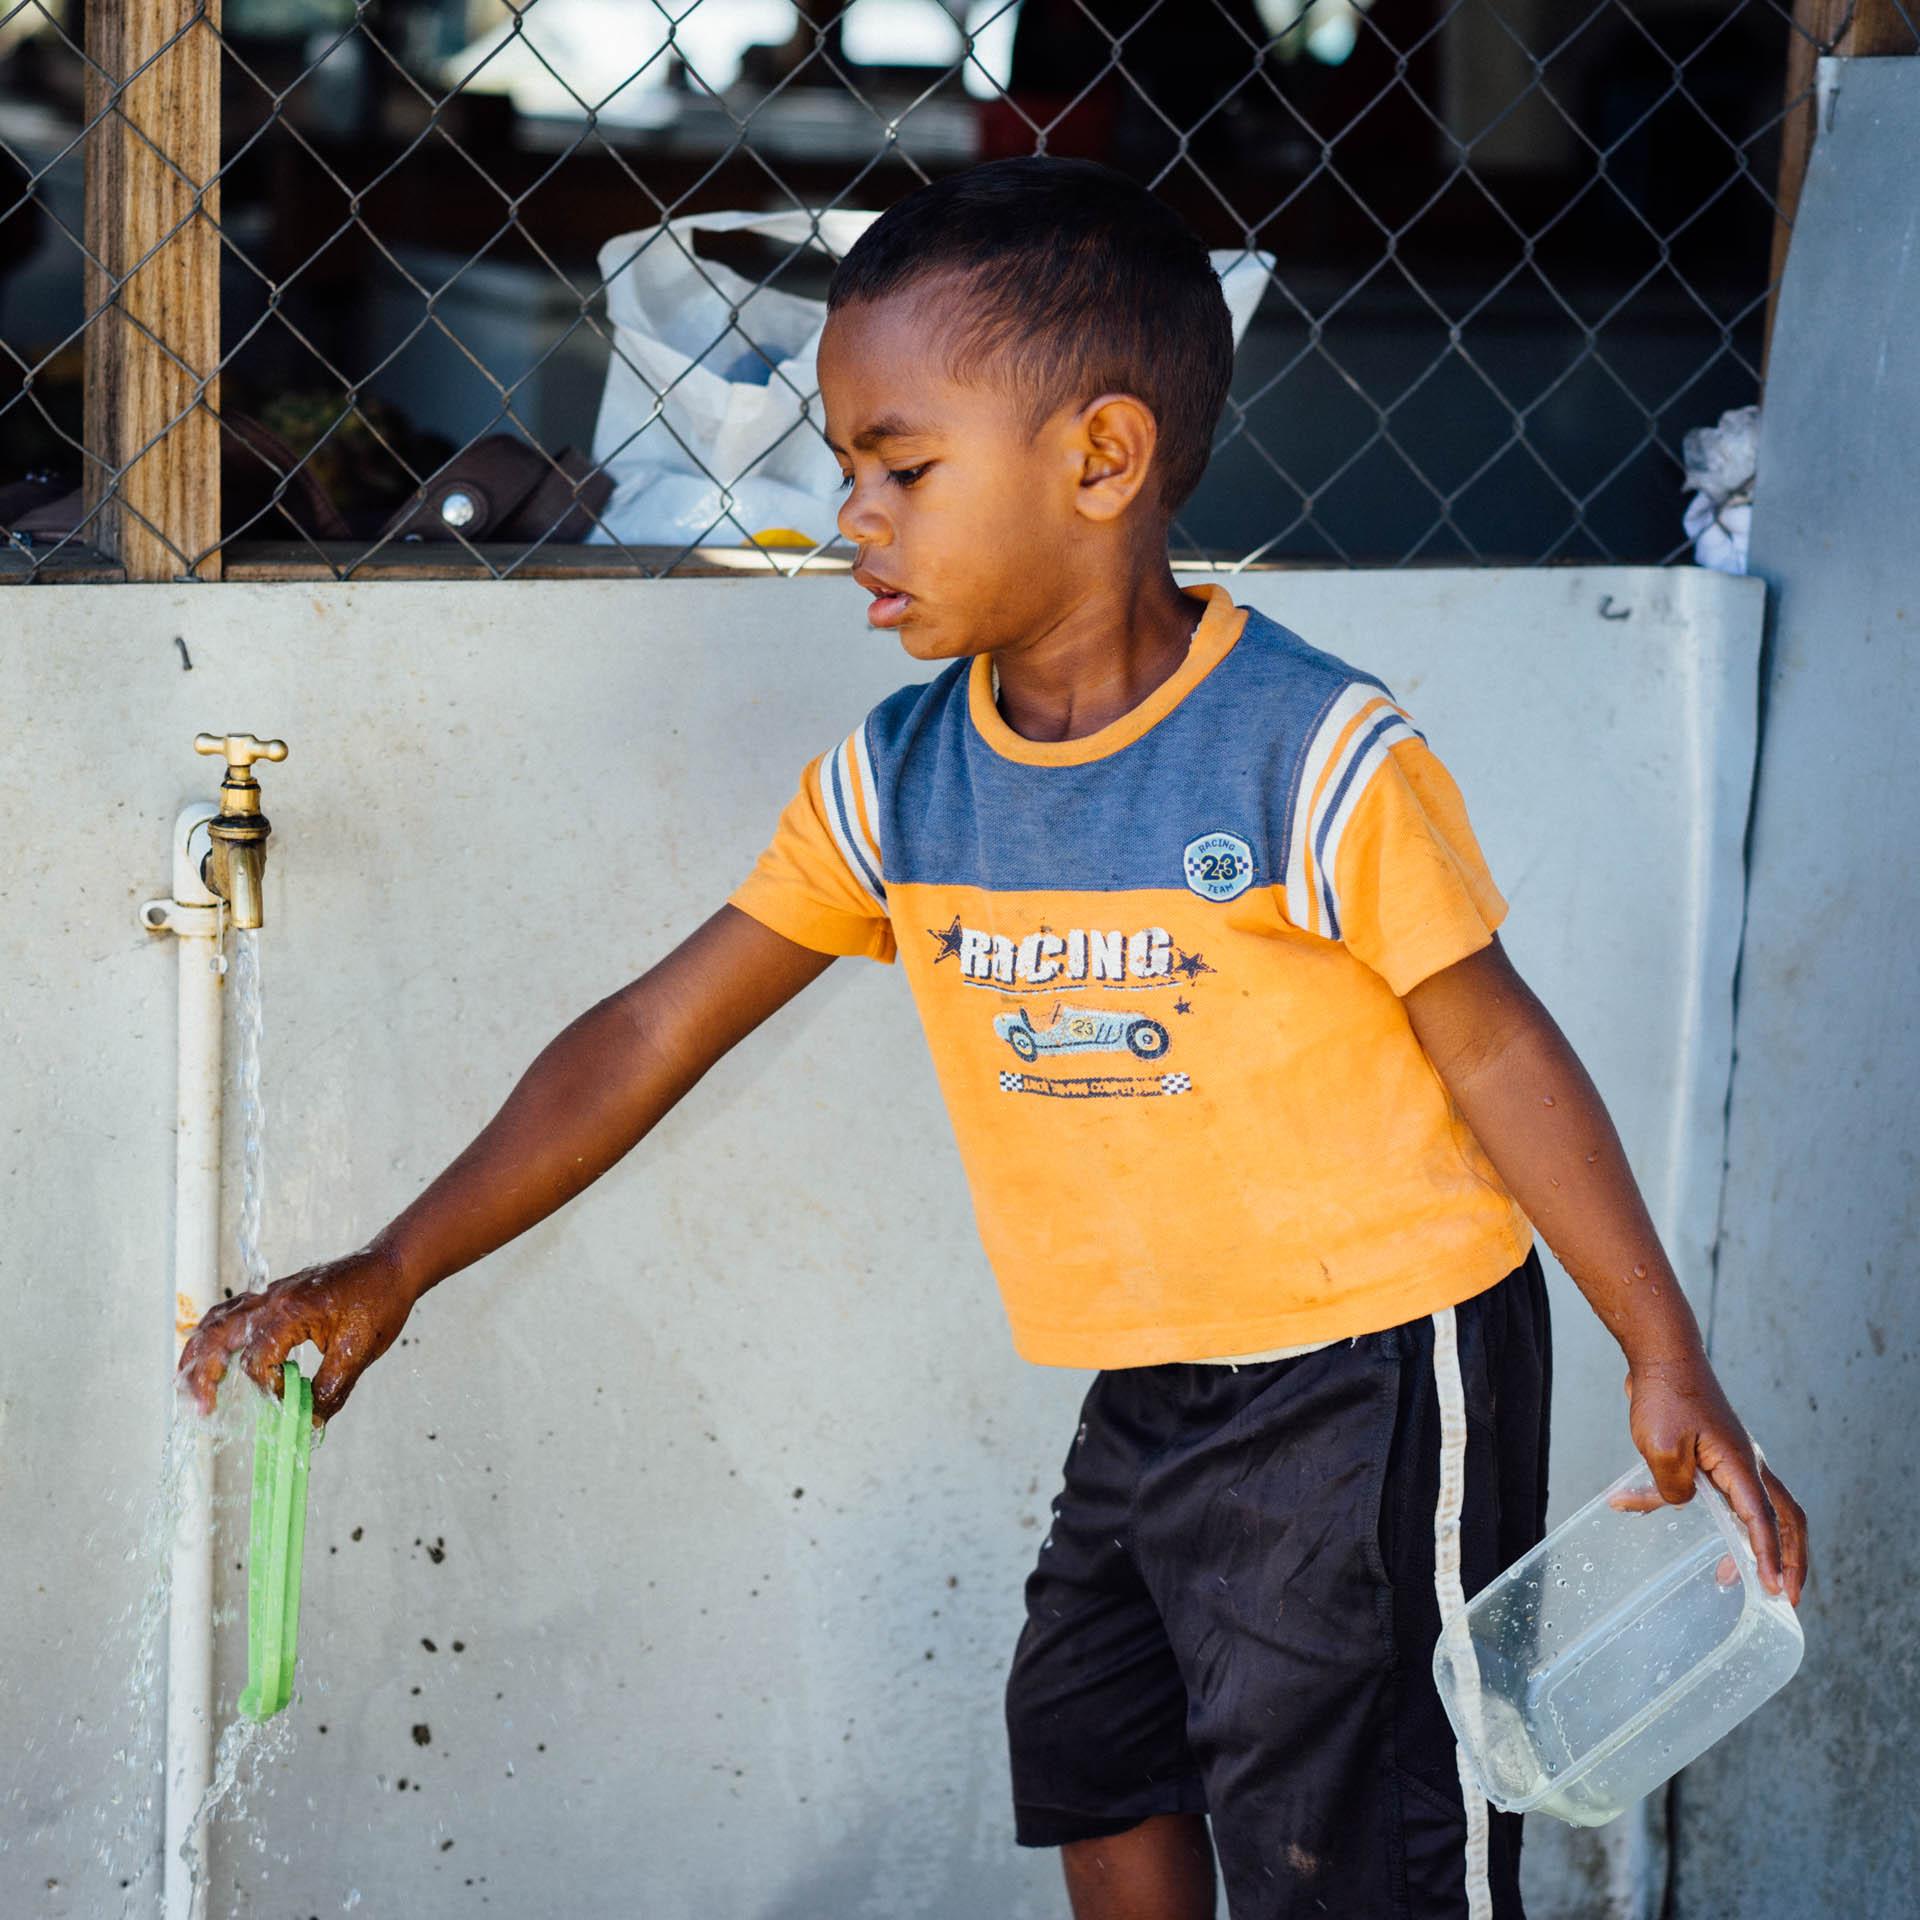 enfant et robinet d'eau